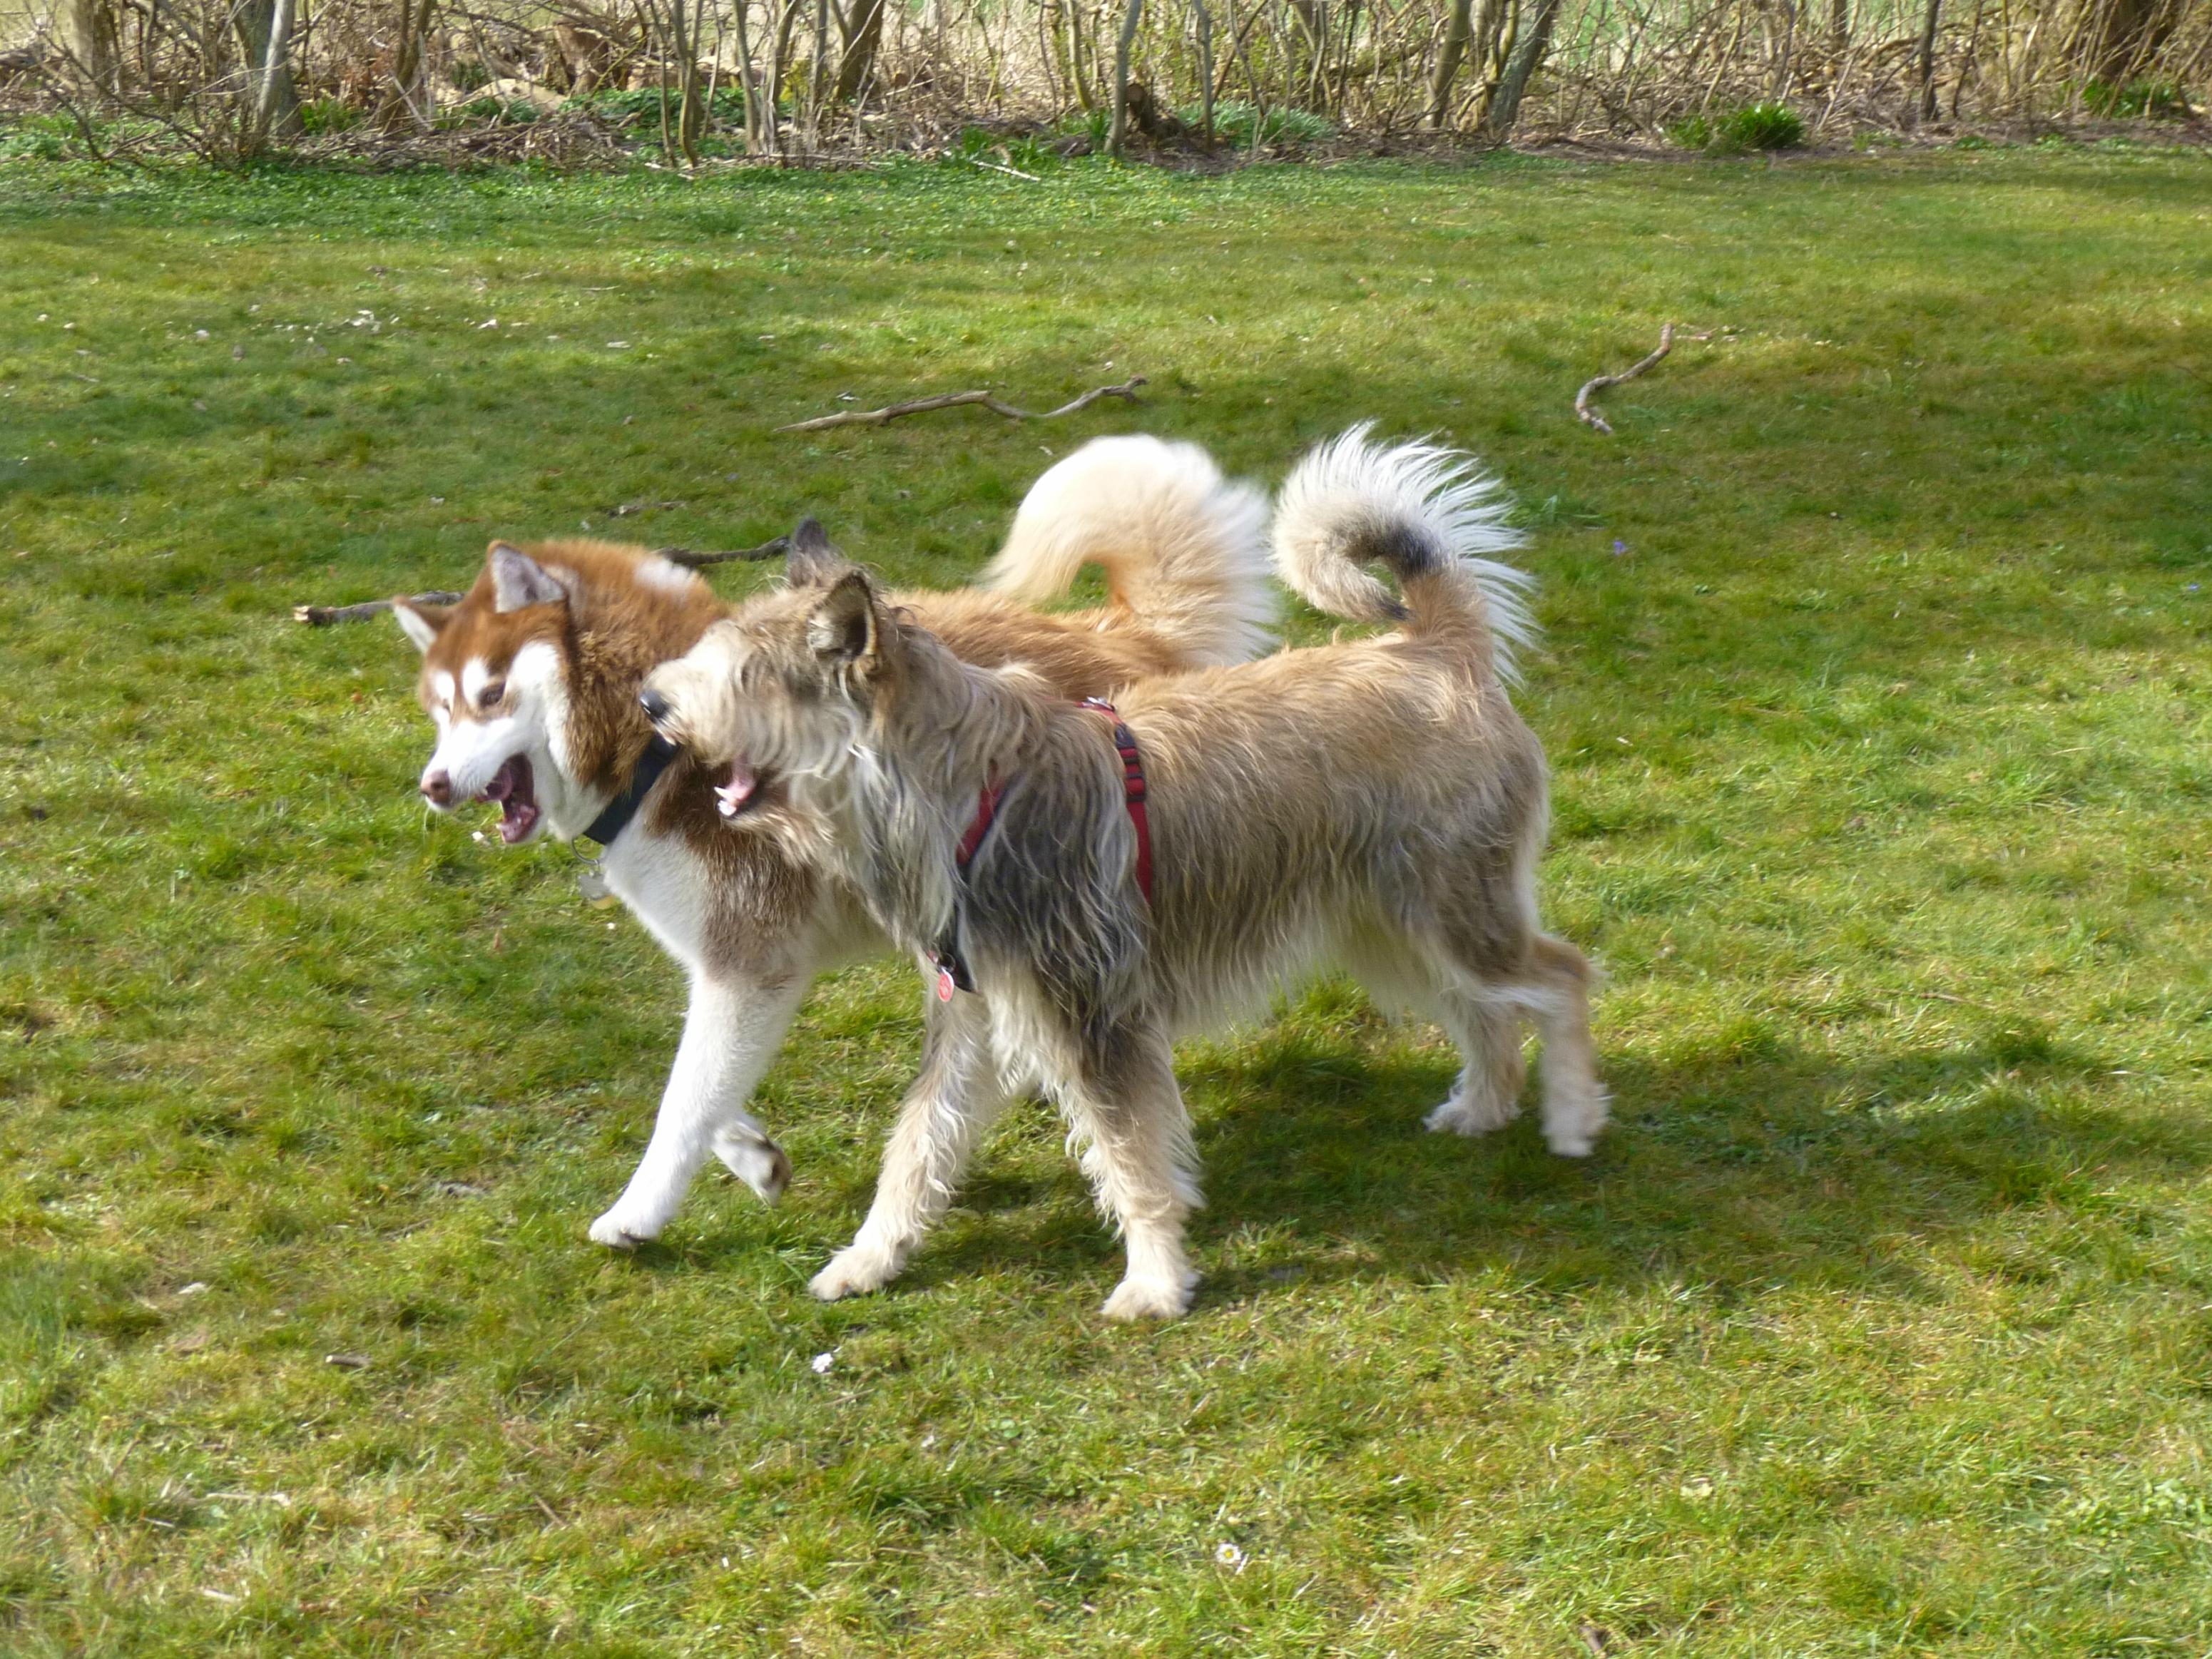 Meine zwei Hunde haben nicht nur ausgesprochen nette und ansprechende ...